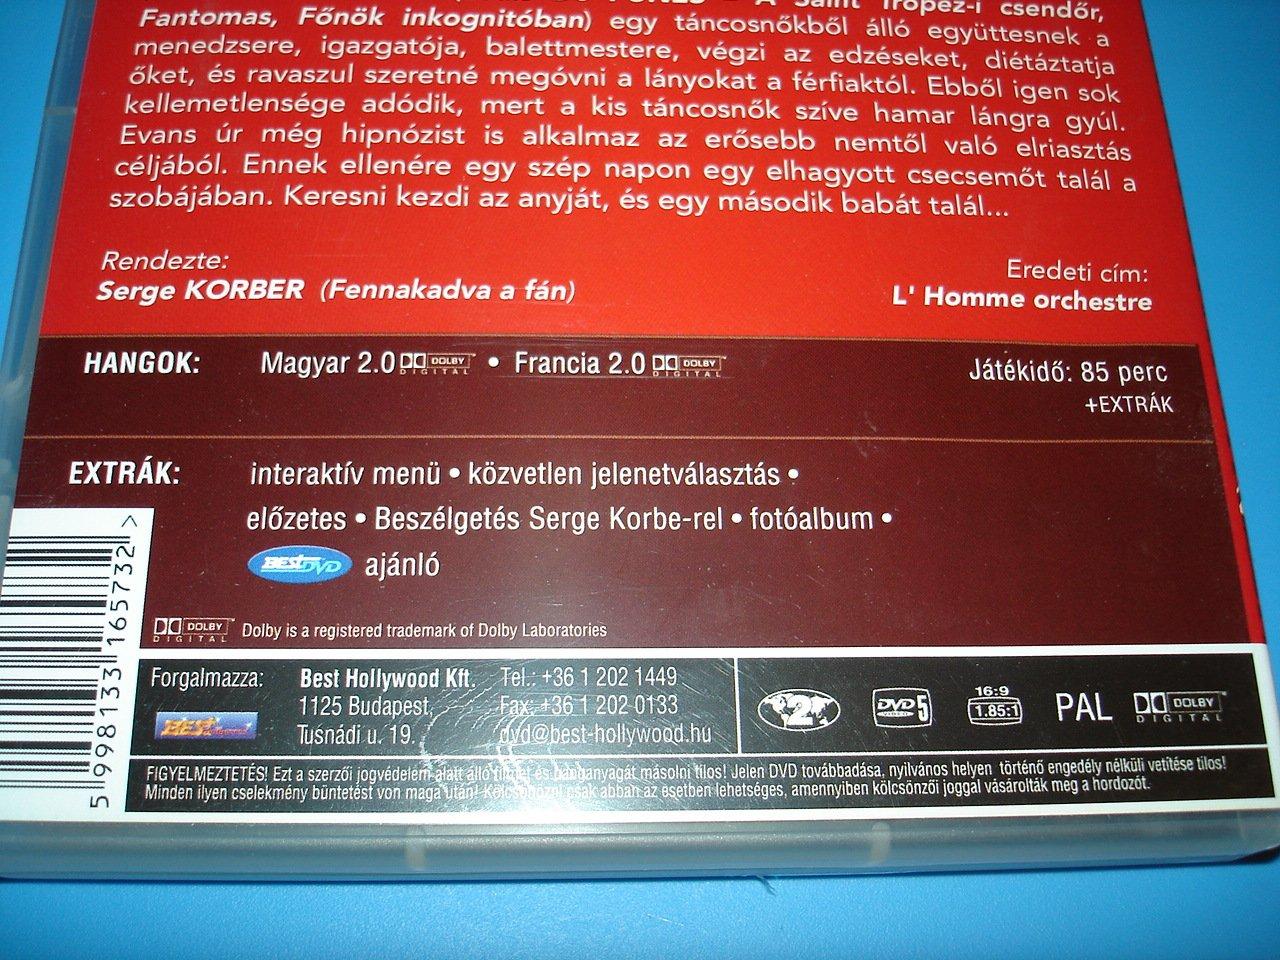 Amazon.com: Homme orchestre, L' (1970) / L'Homme Orchestre / Region 2 DVD  PAL European Edition / French and Hungarian sound options / Louis De Funes  ...